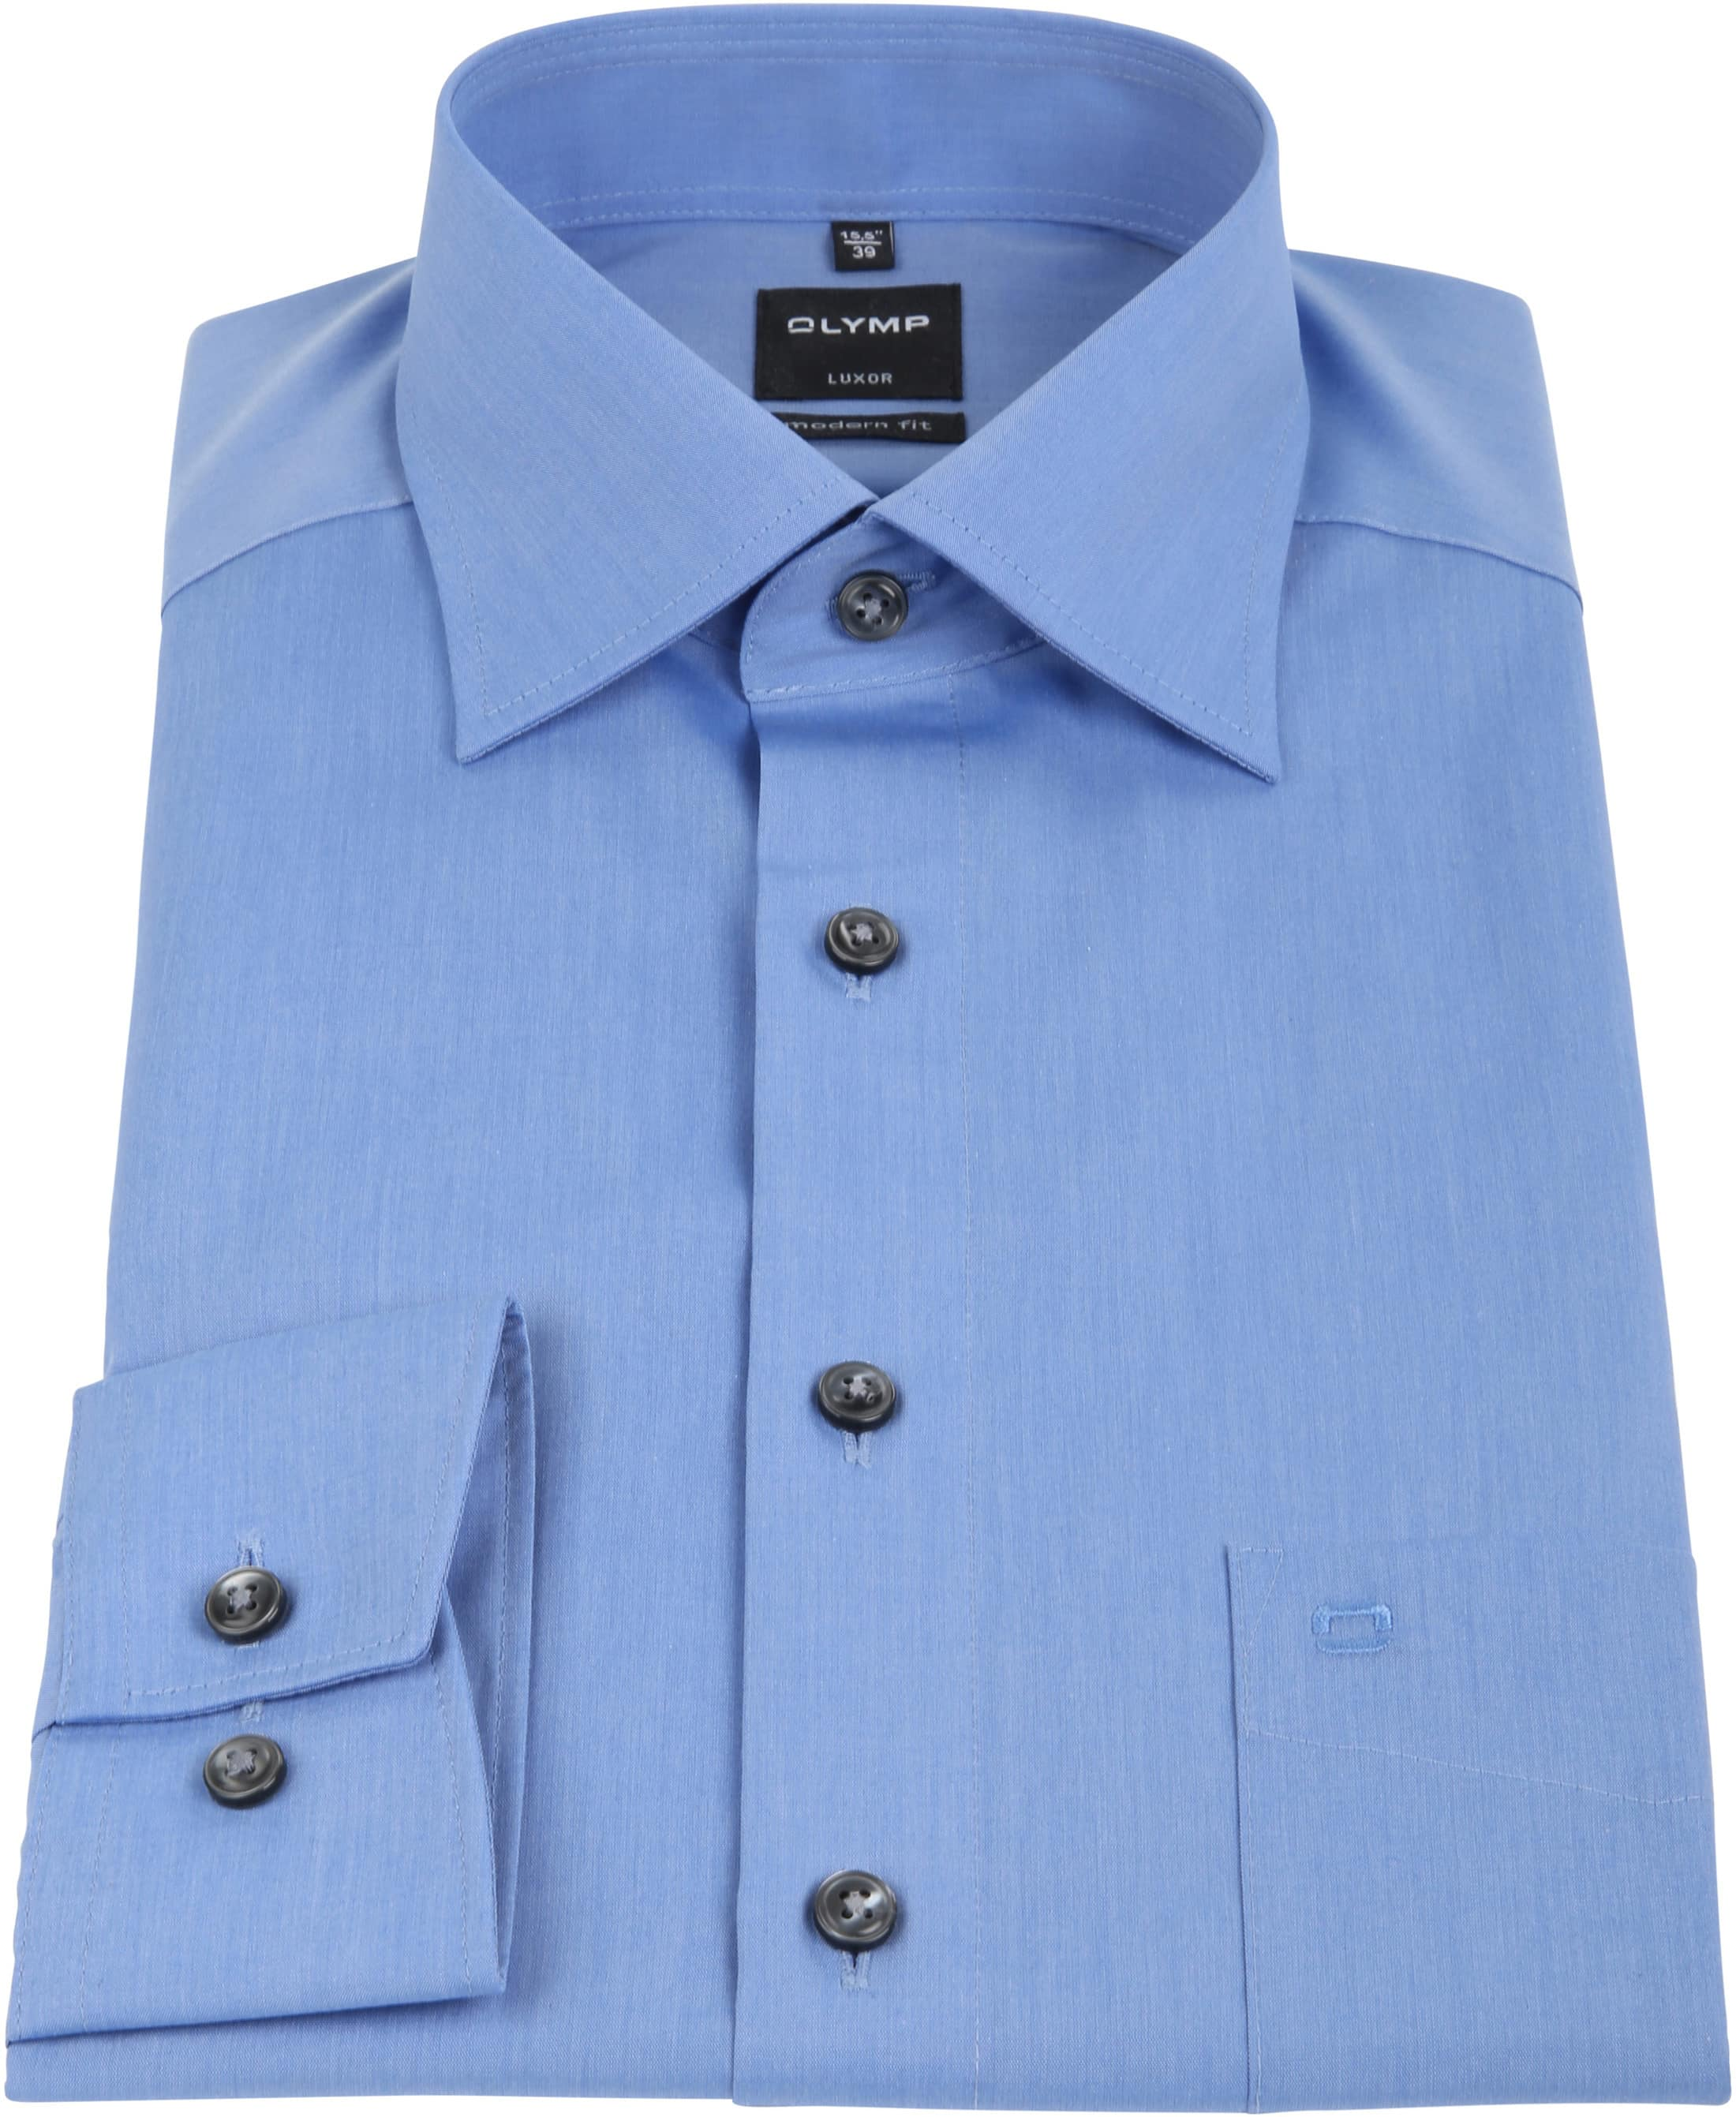 olymp luxor overhemd modern fit blauw 030464. Black Bedroom Furniture Sets. Home Design Ideas